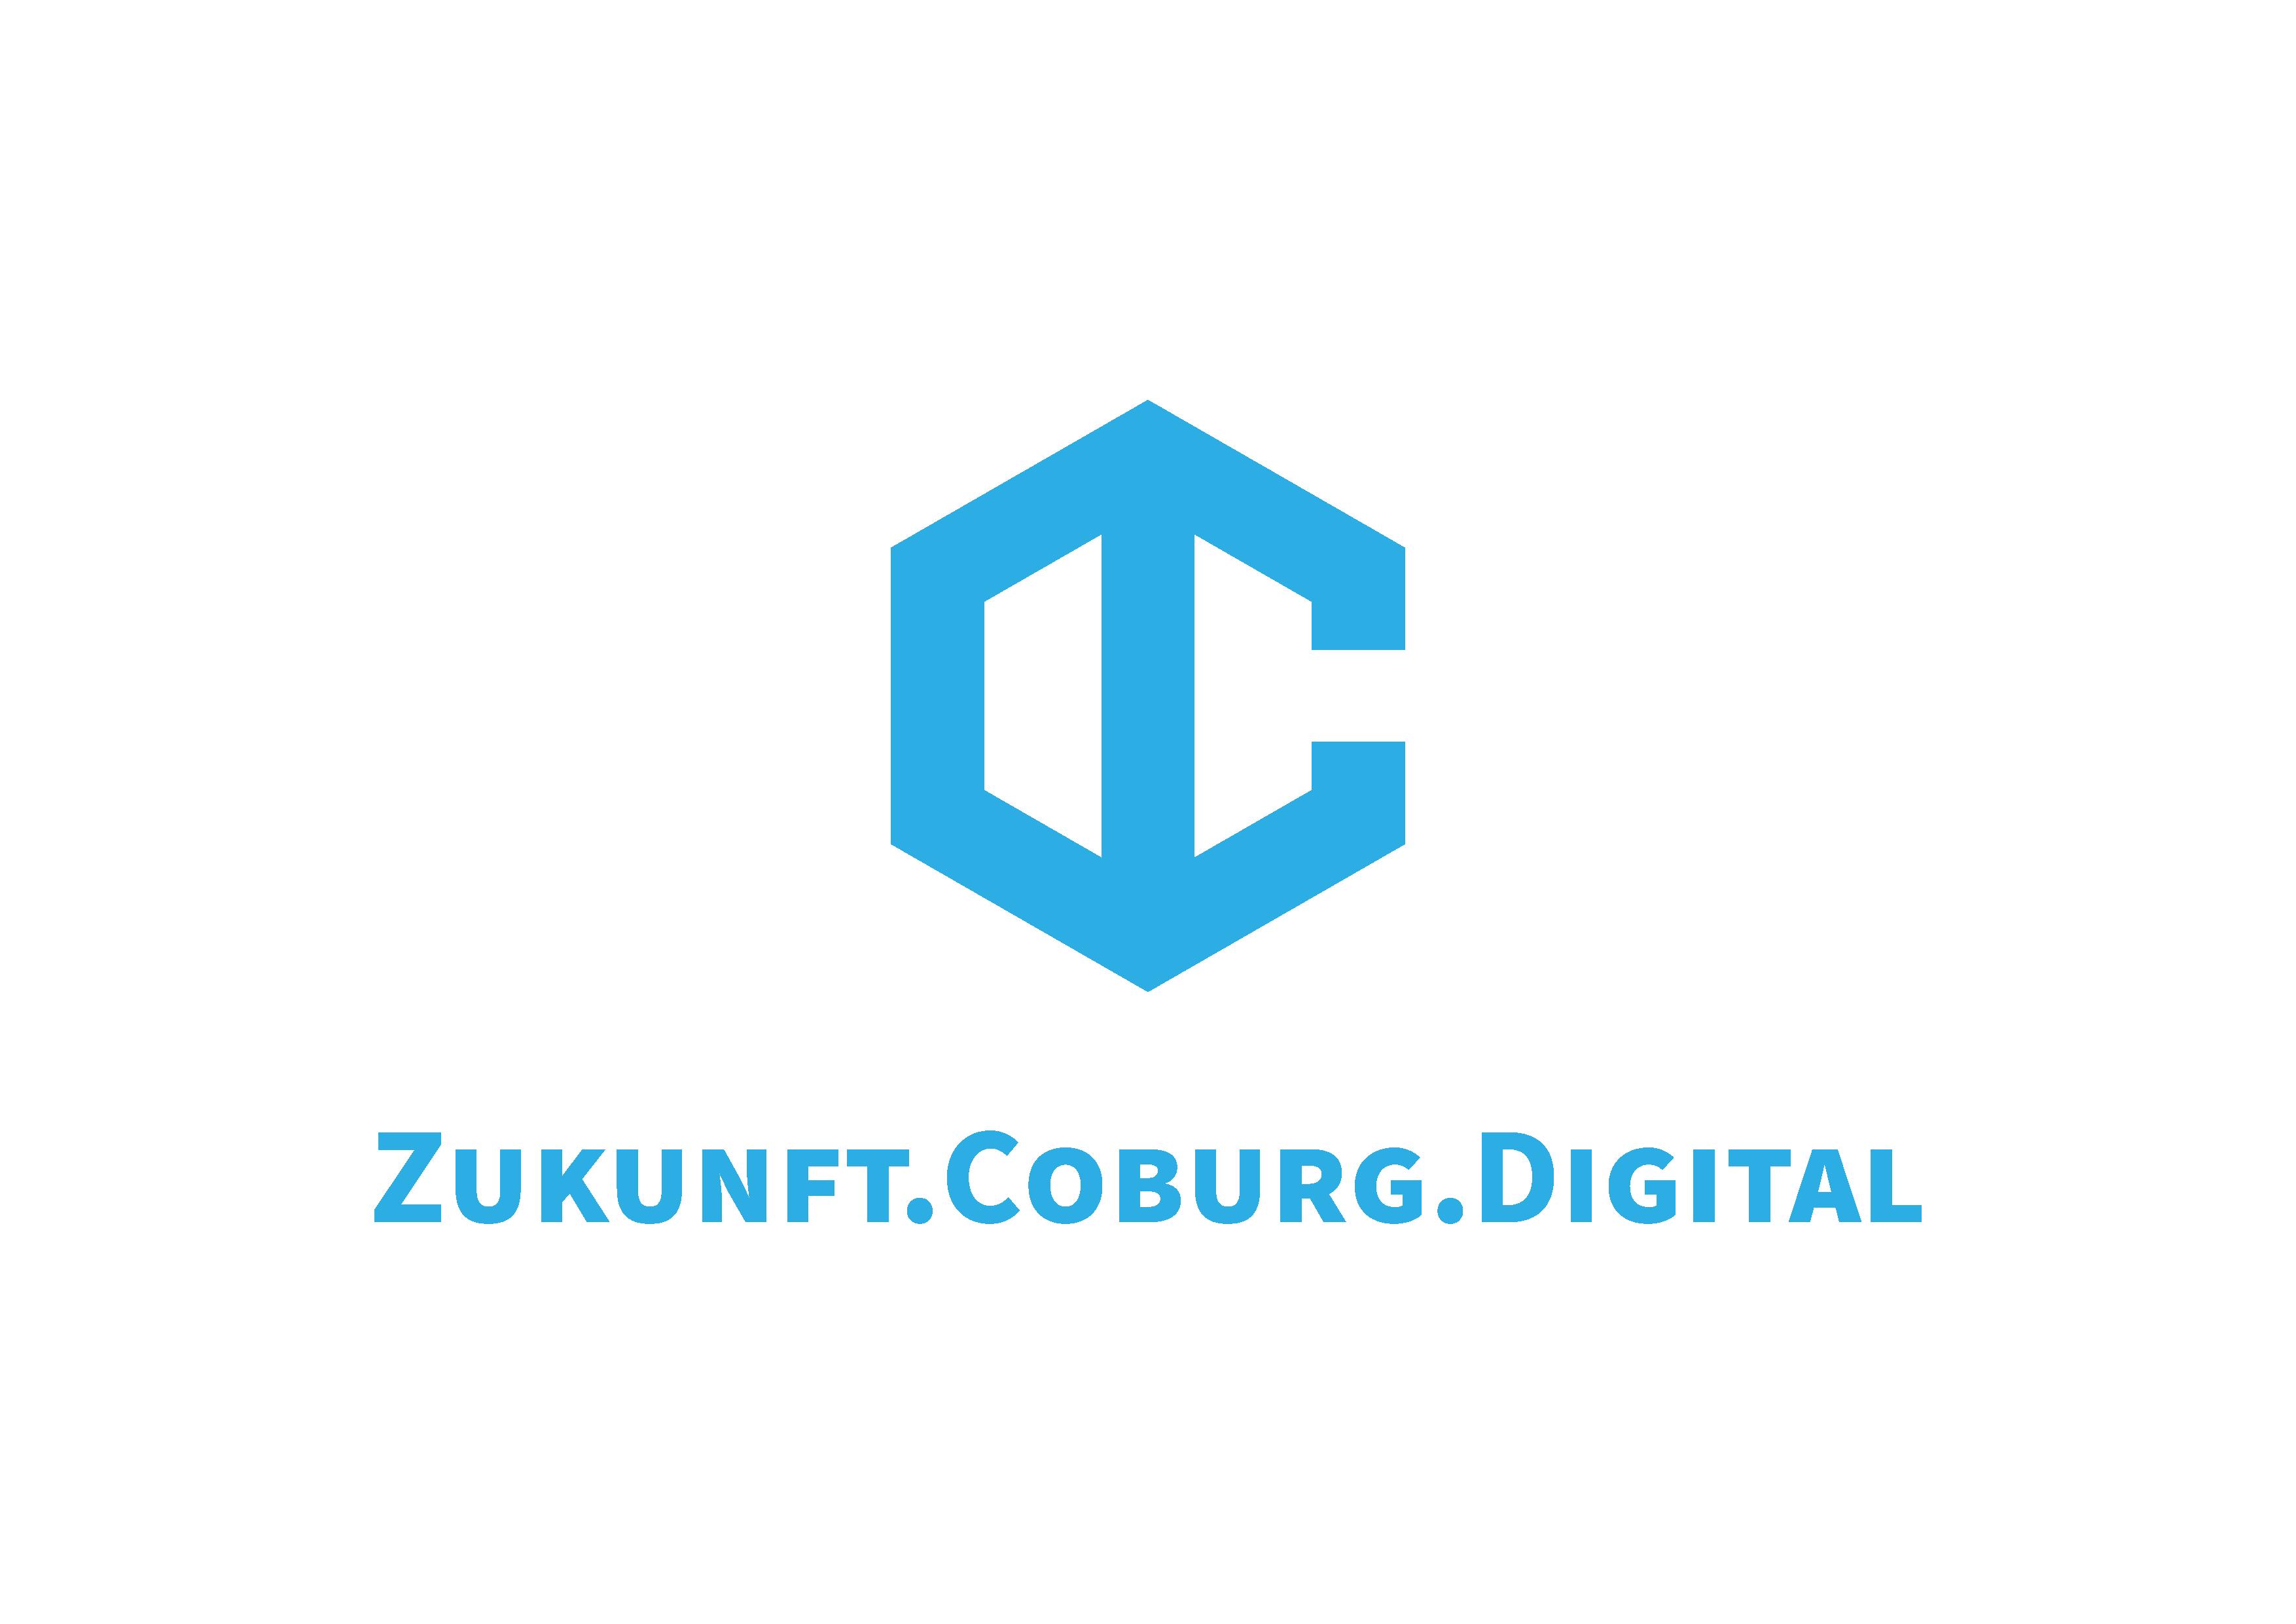 Logo Zukunft.Coburg.Digital